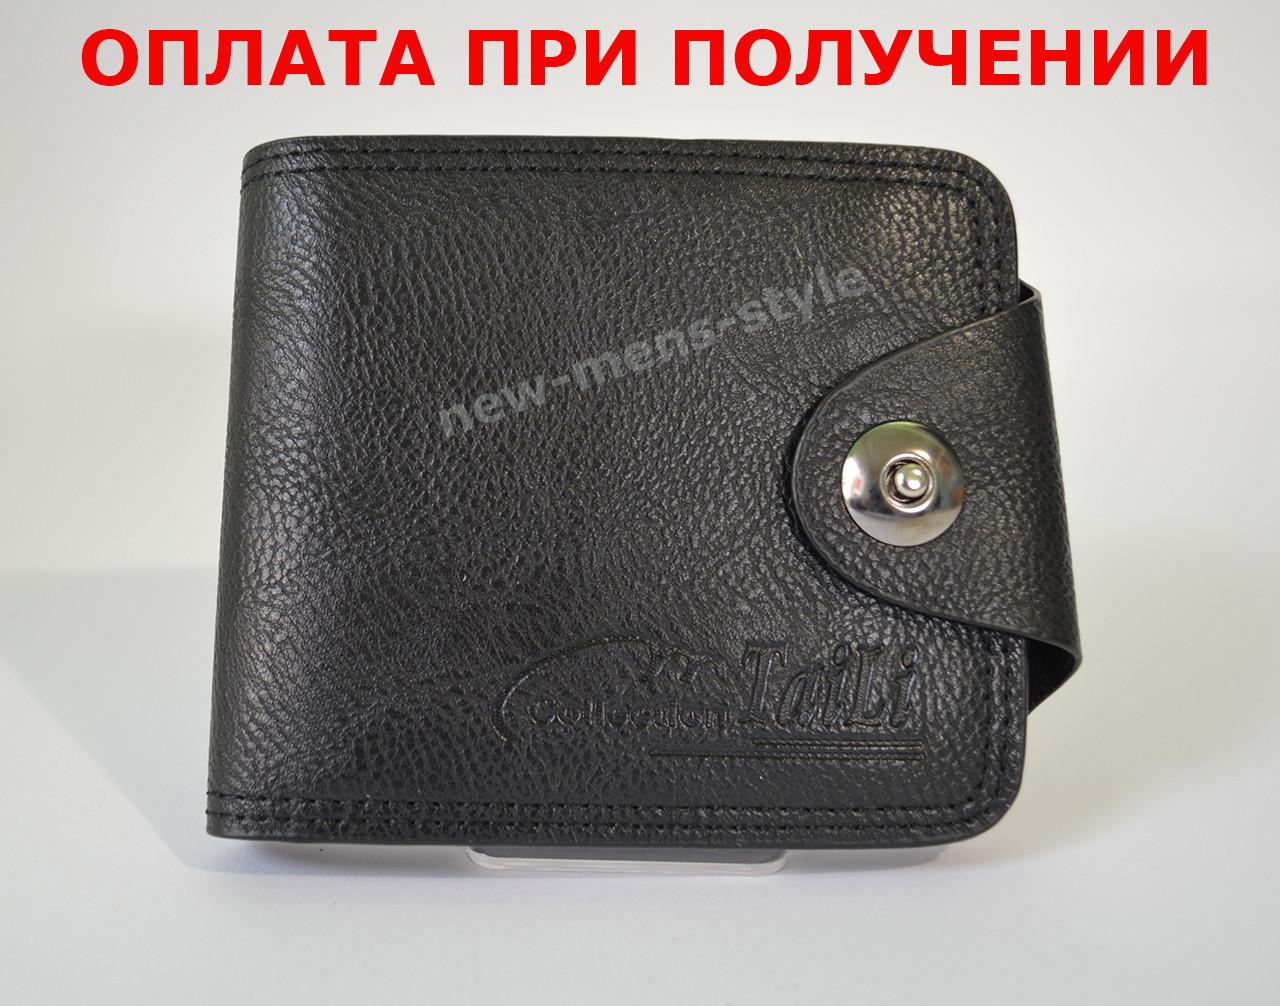 Чоловічий шкіряний гаманець портмоне гаманець гаманець Taili купити